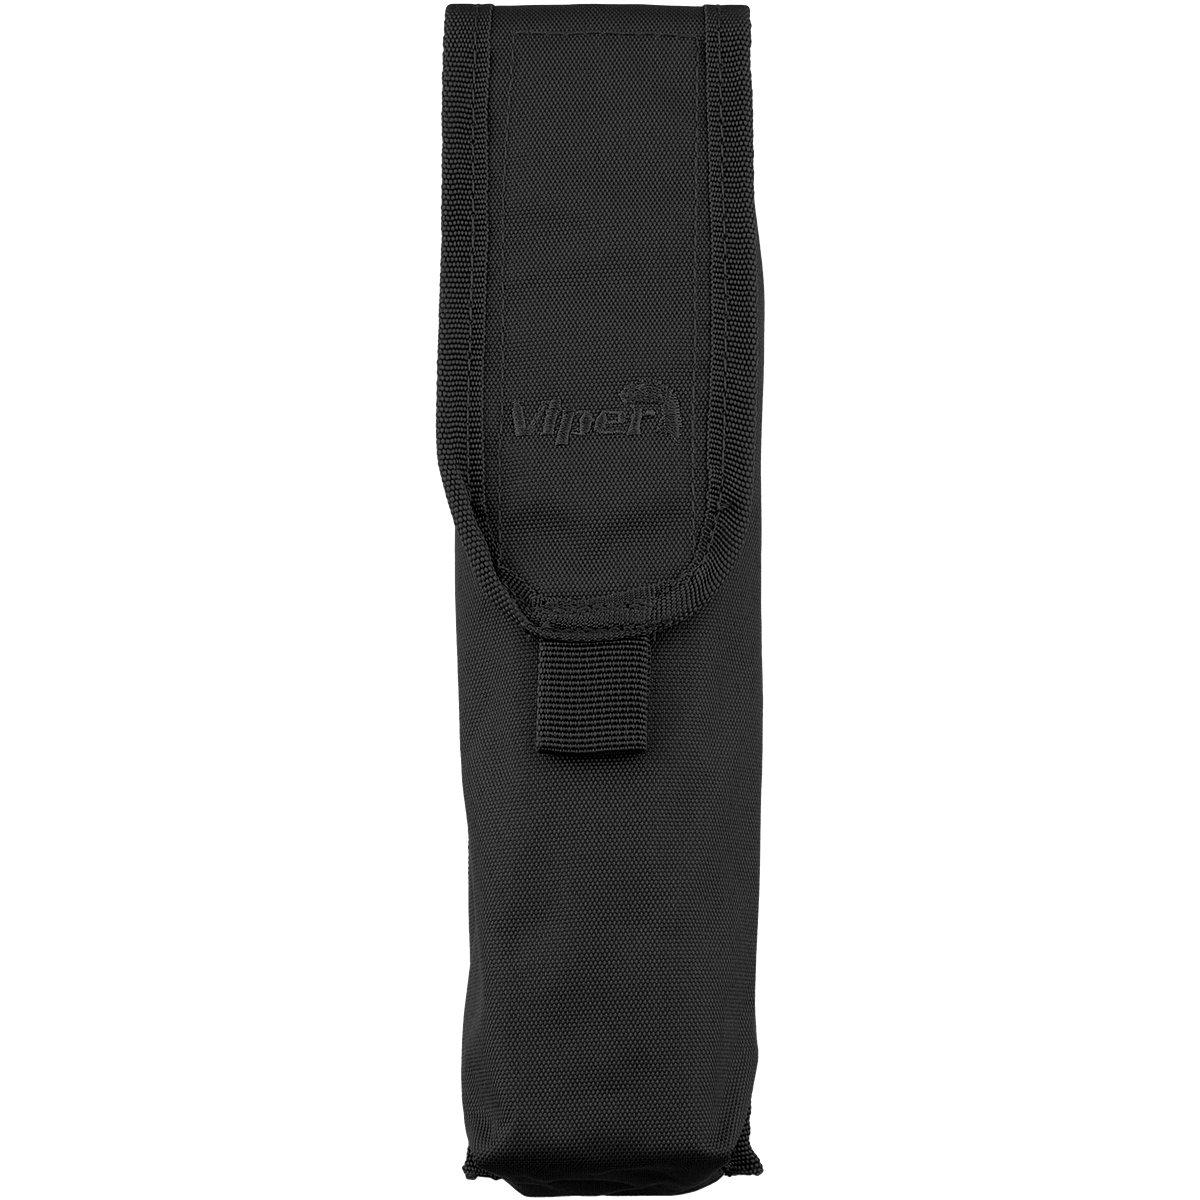 Viper P90 Mag Bolsa Negro